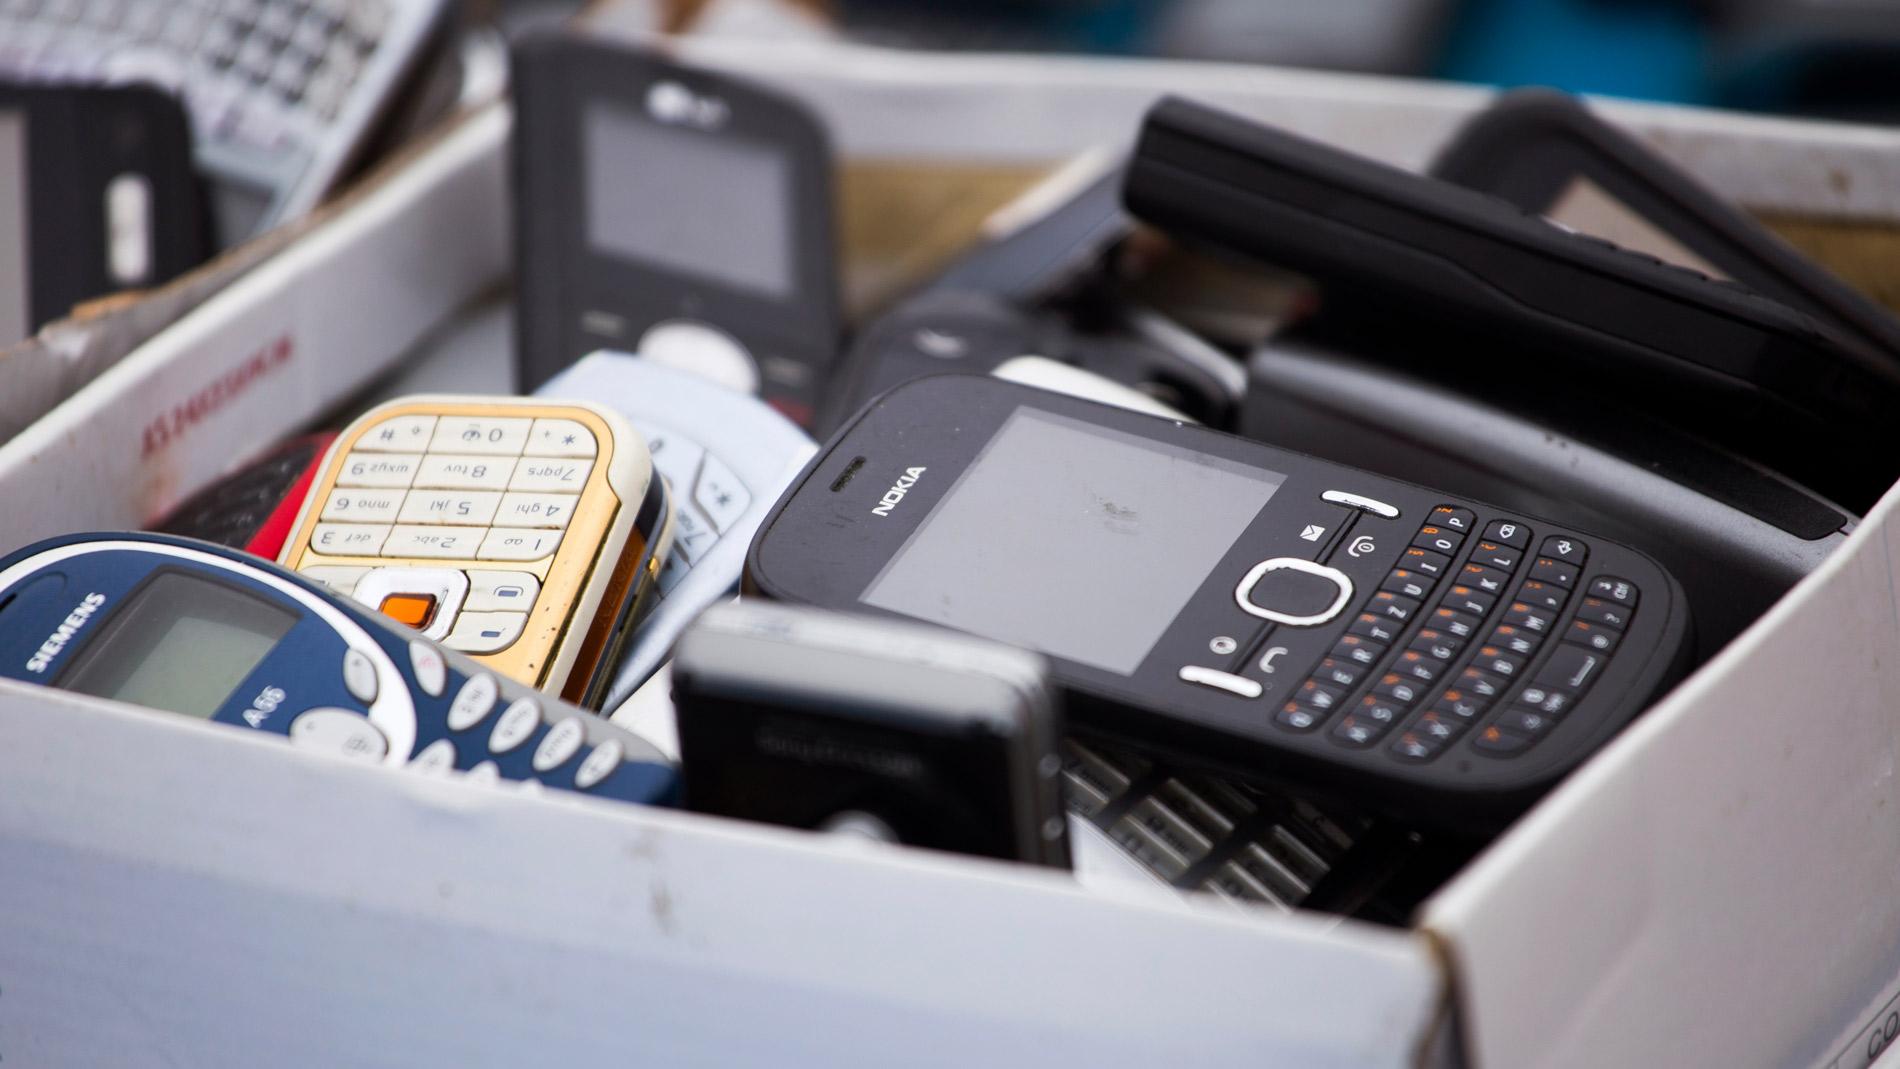 Телефоны, которые мы потеряли: 7 мобильных, которые снова хочется взять в руки